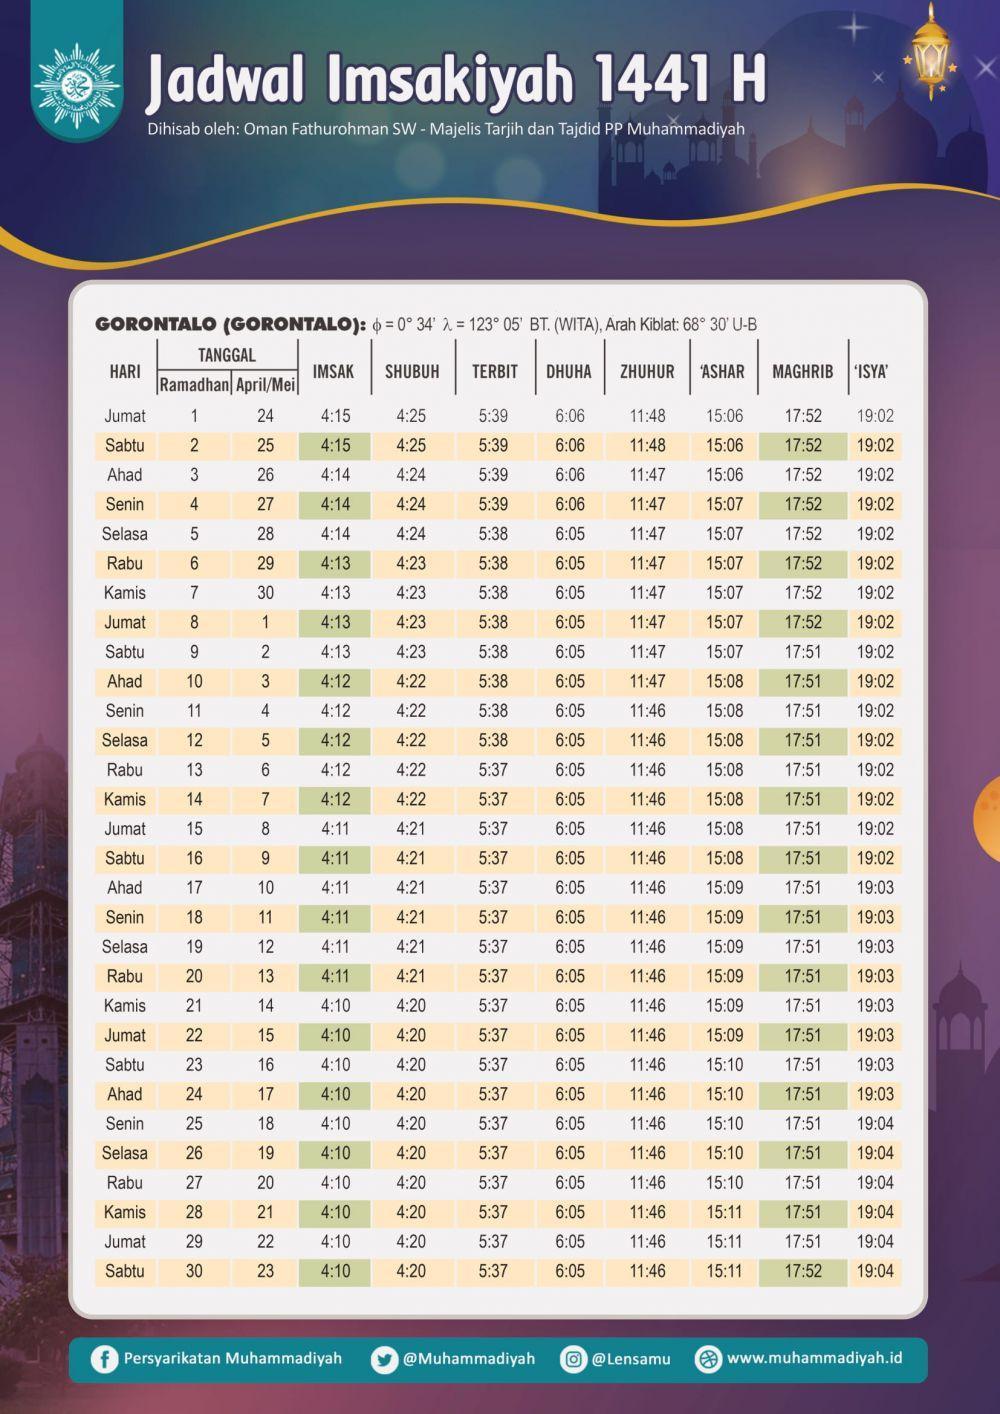 Jadwal Imsakiyah dan Buka Puasa Ramadan 1441 H/2020 M, Gorontalo